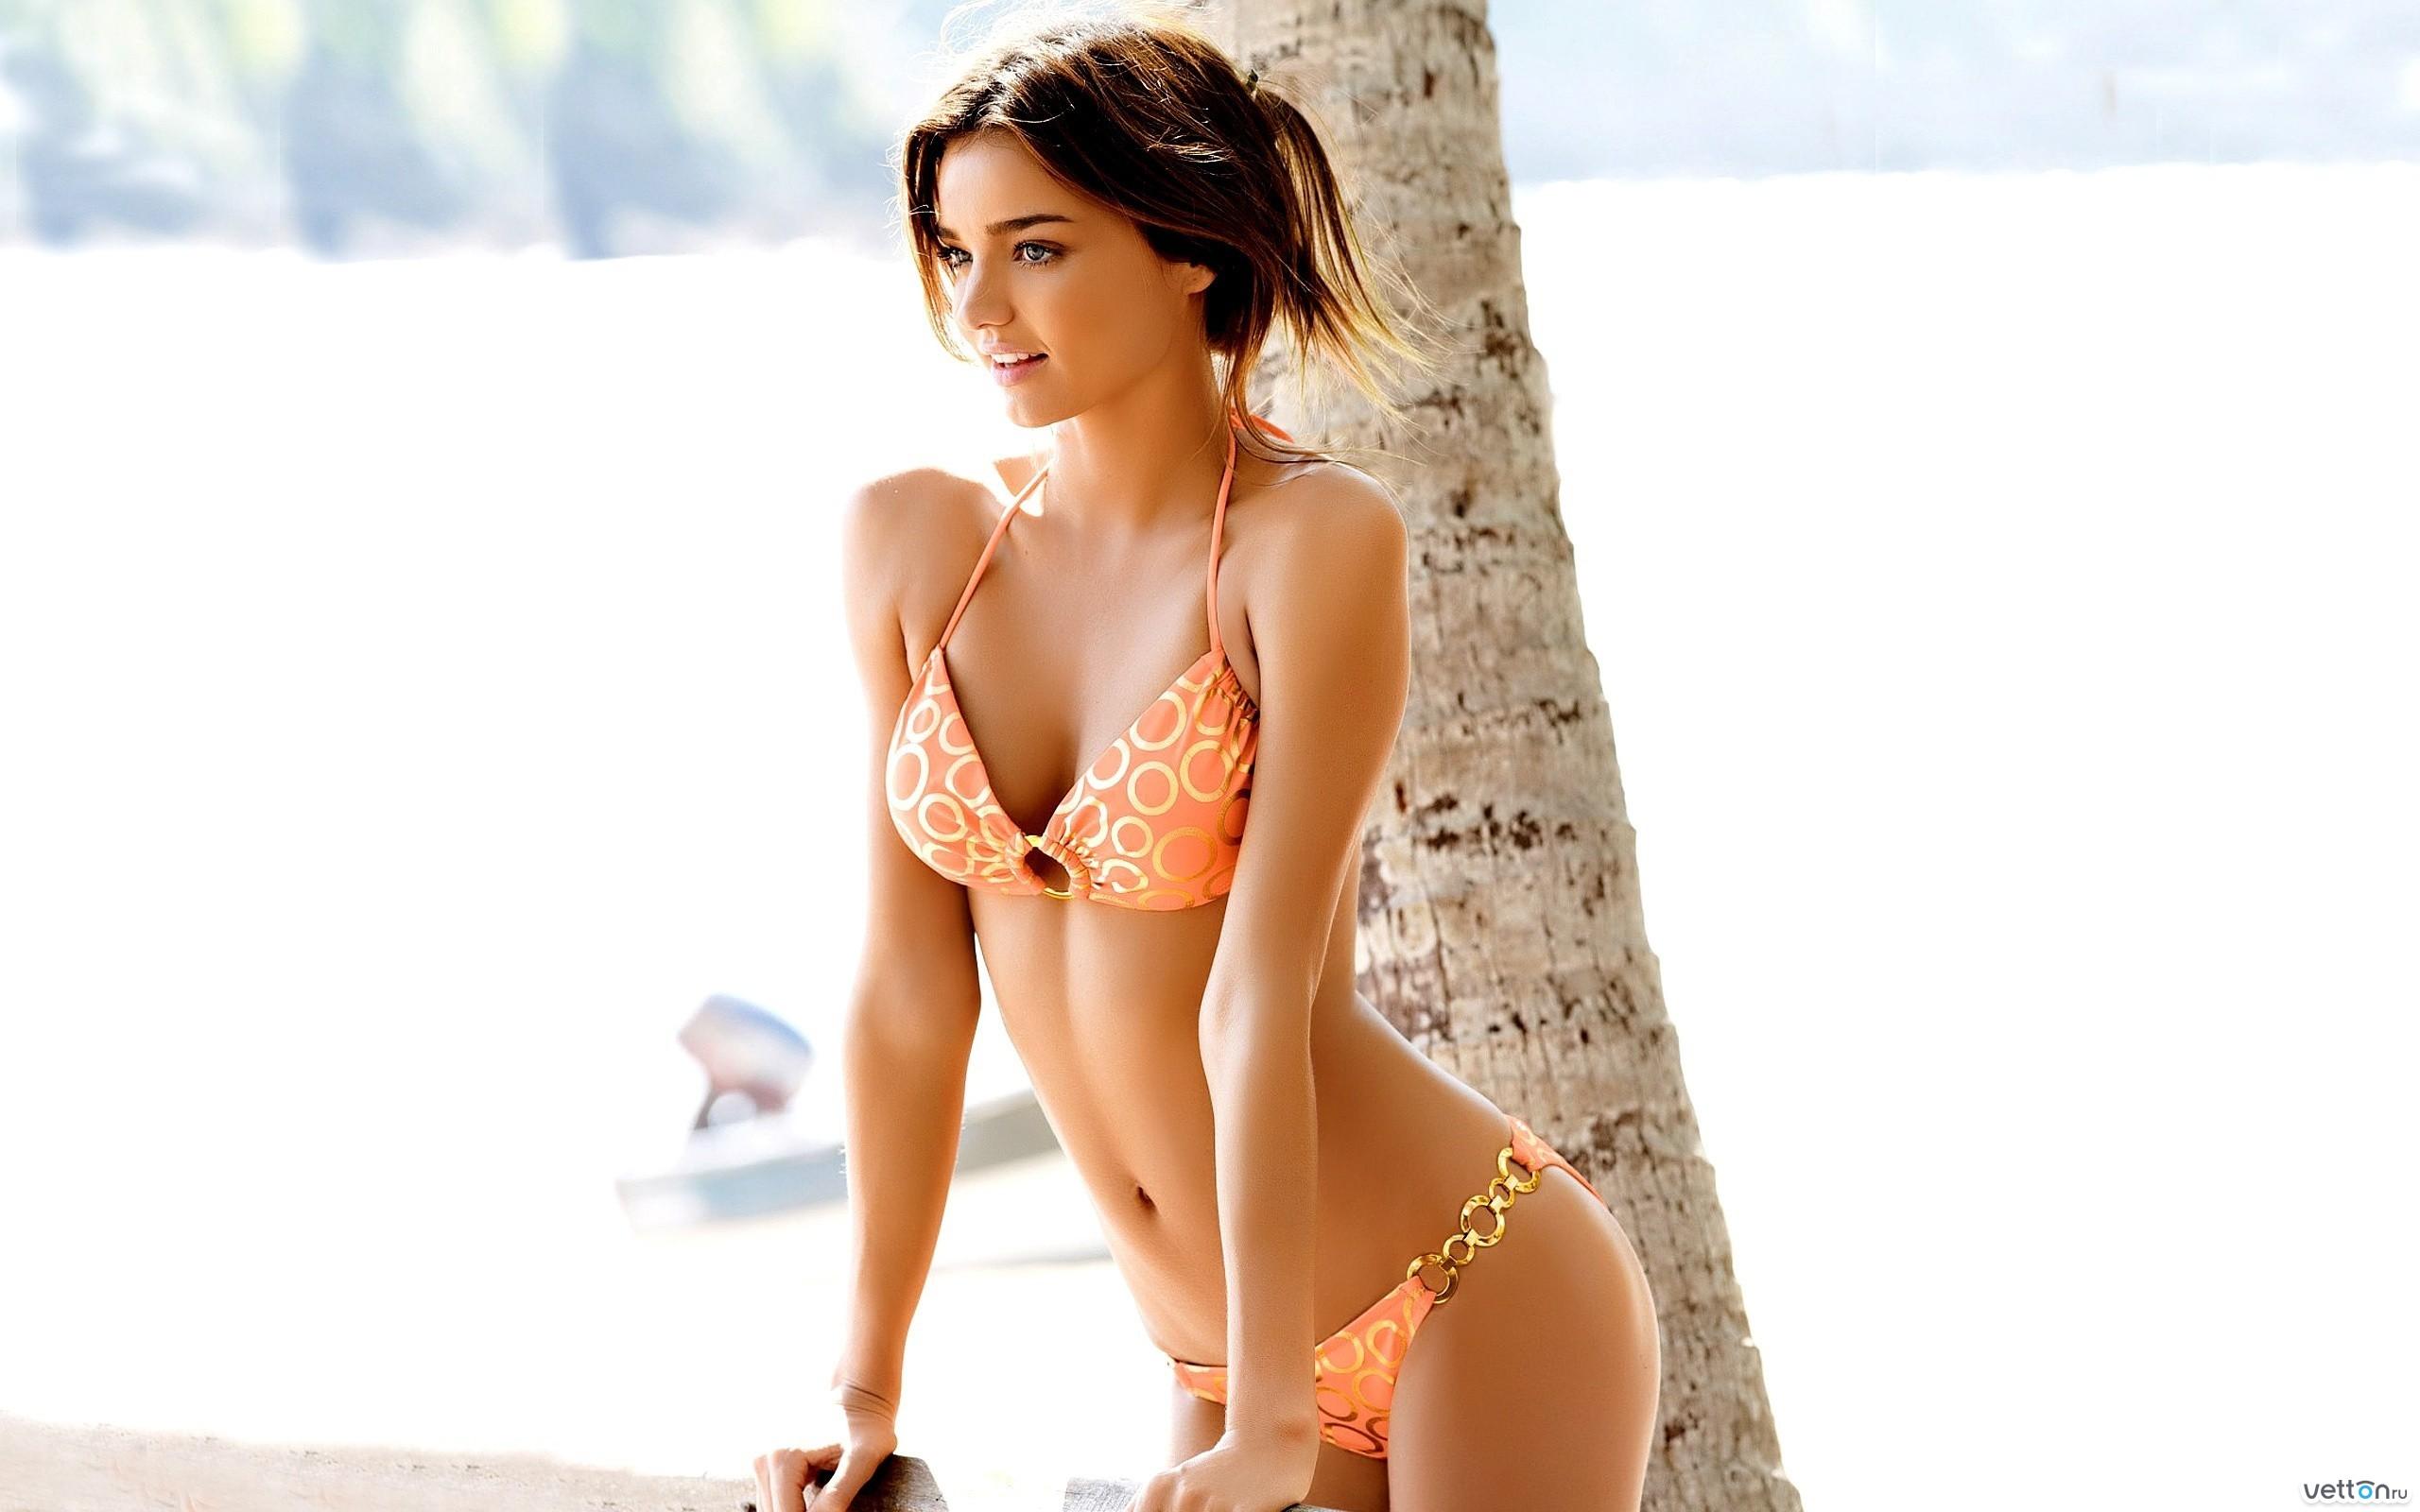 Супер красивые женские тела 11 фотография